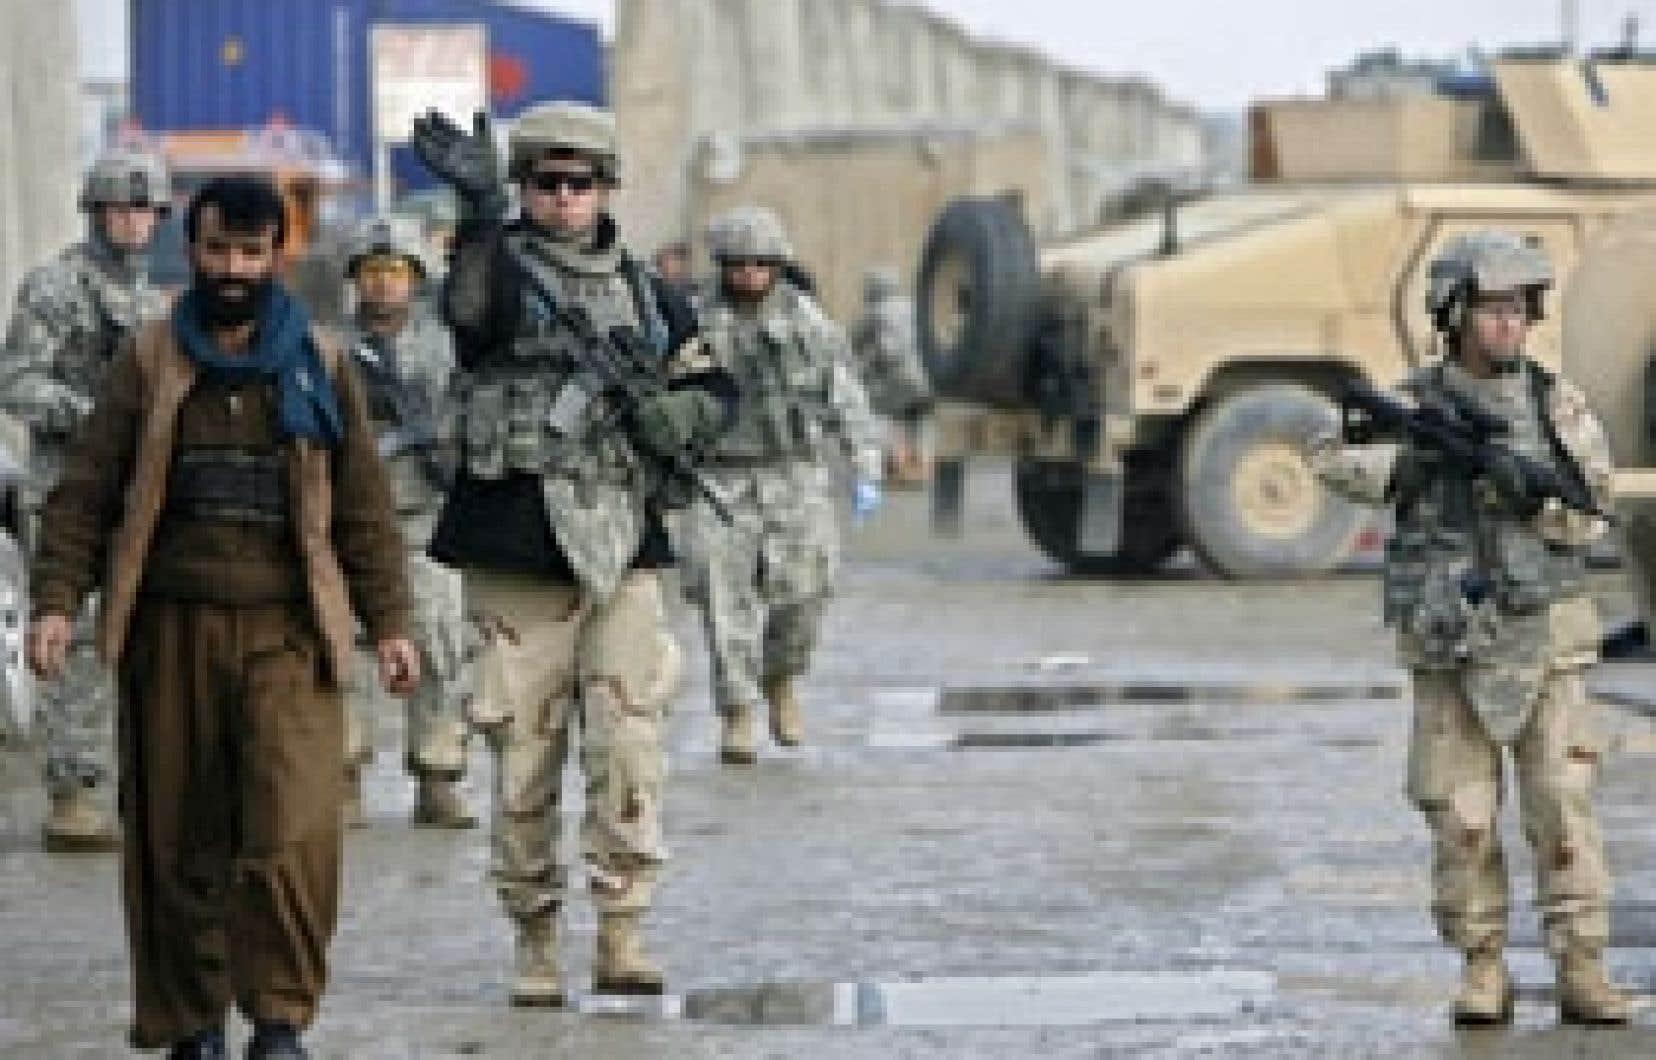 Des soldats américains ont inspecté hier les lieux de l'attentat qui s'est produit près d'une base militaire.